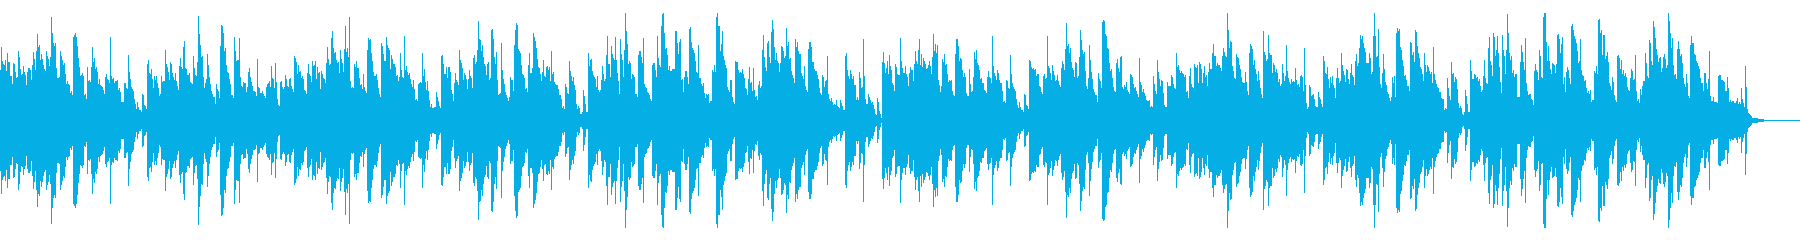 そよ風が歌うようなピアノ曲(2回)の再生済みの波形